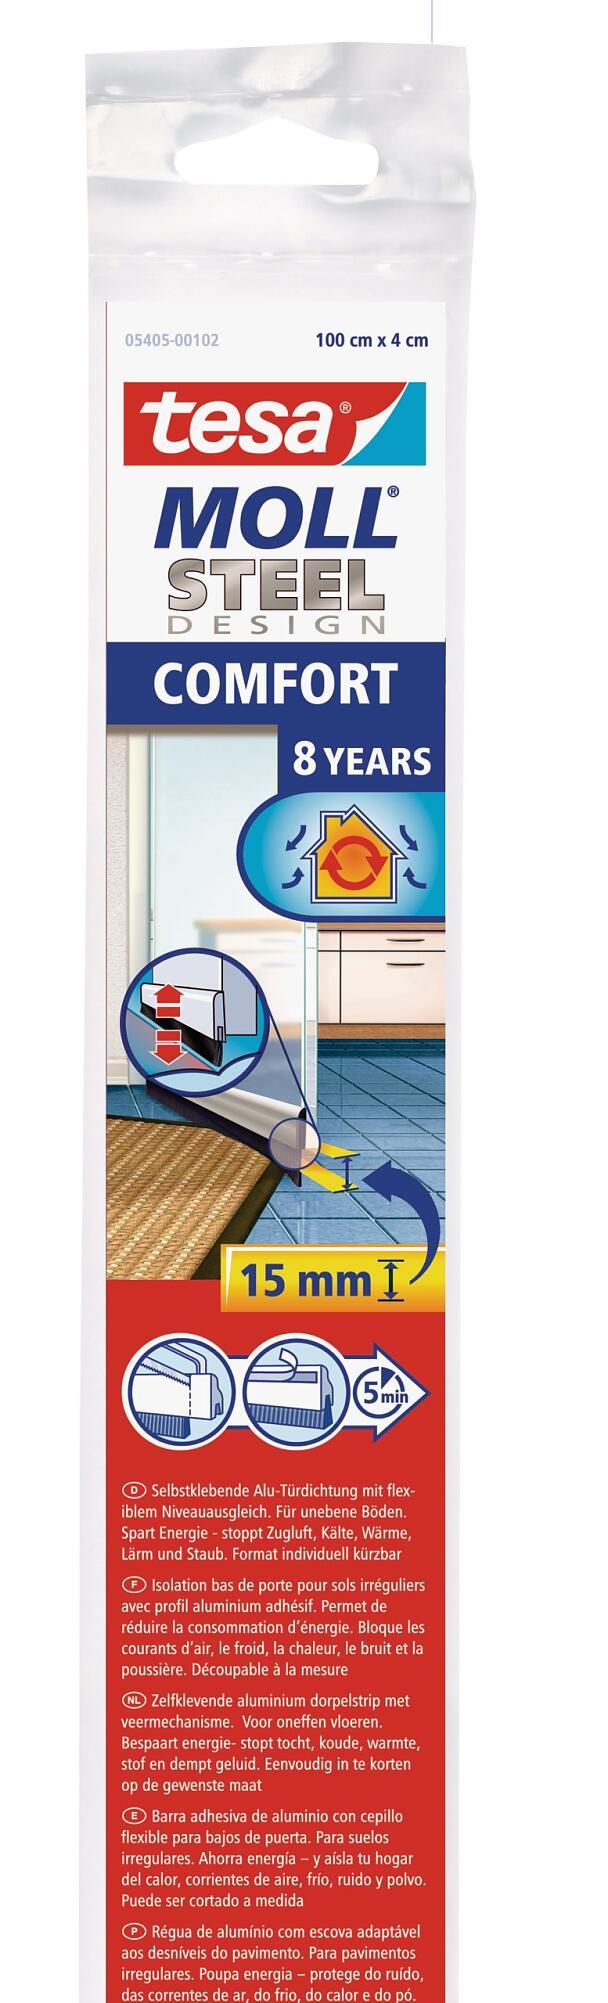 3 x tesamoll 05405 Comfort Türdichtschiene für unebene Böden